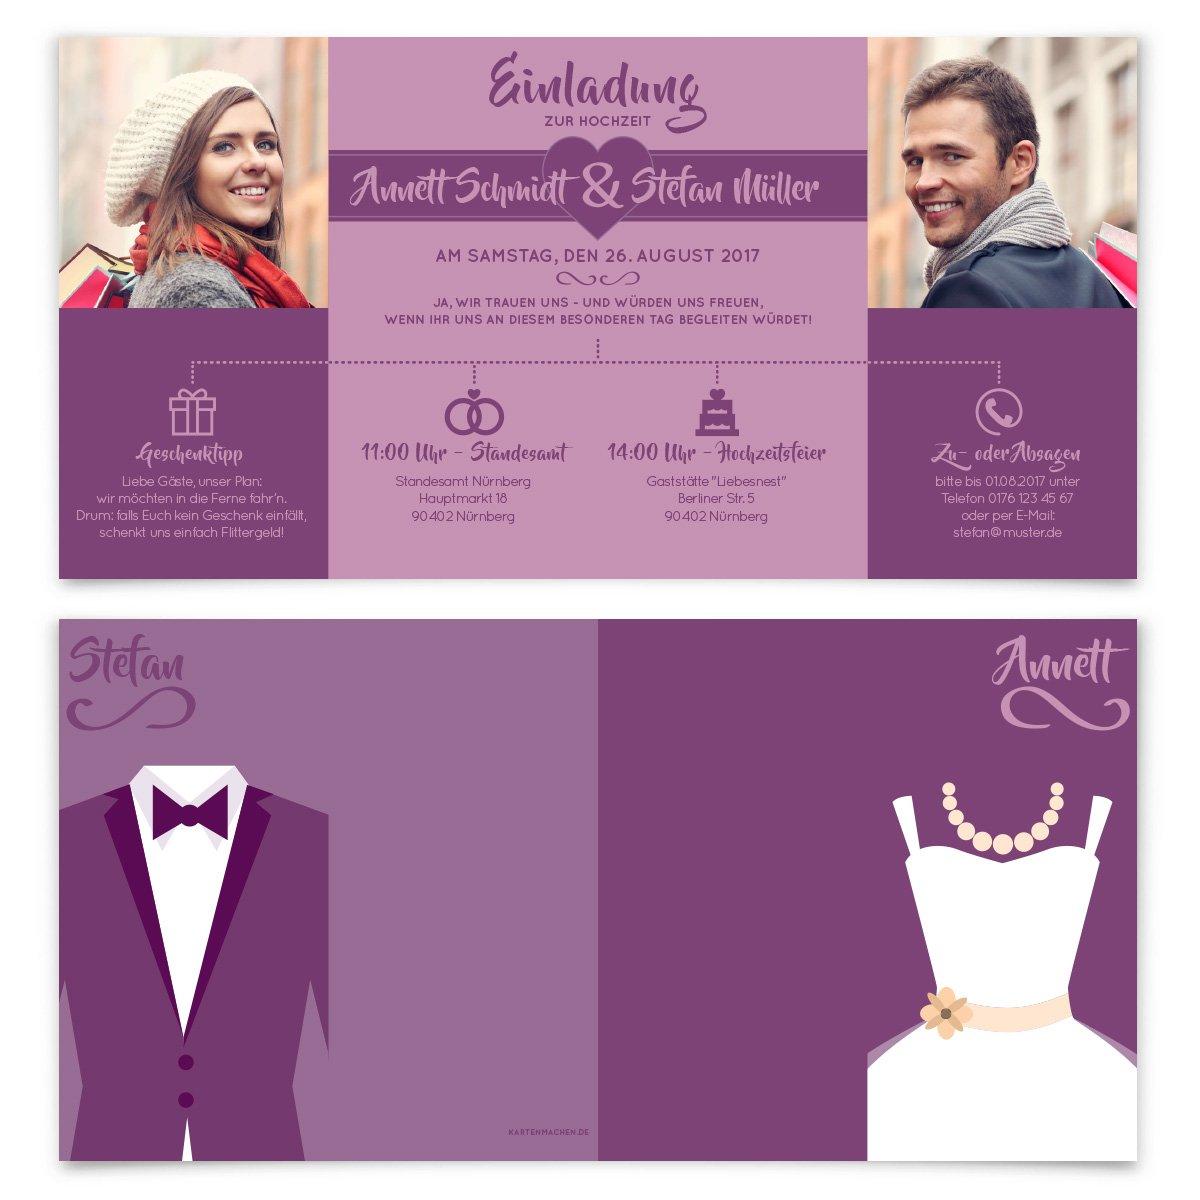 Hochzeitseinladungen 30 St/ück - Braut und Br/äutigam Altarfalz Hochzeitskarten in Vintage